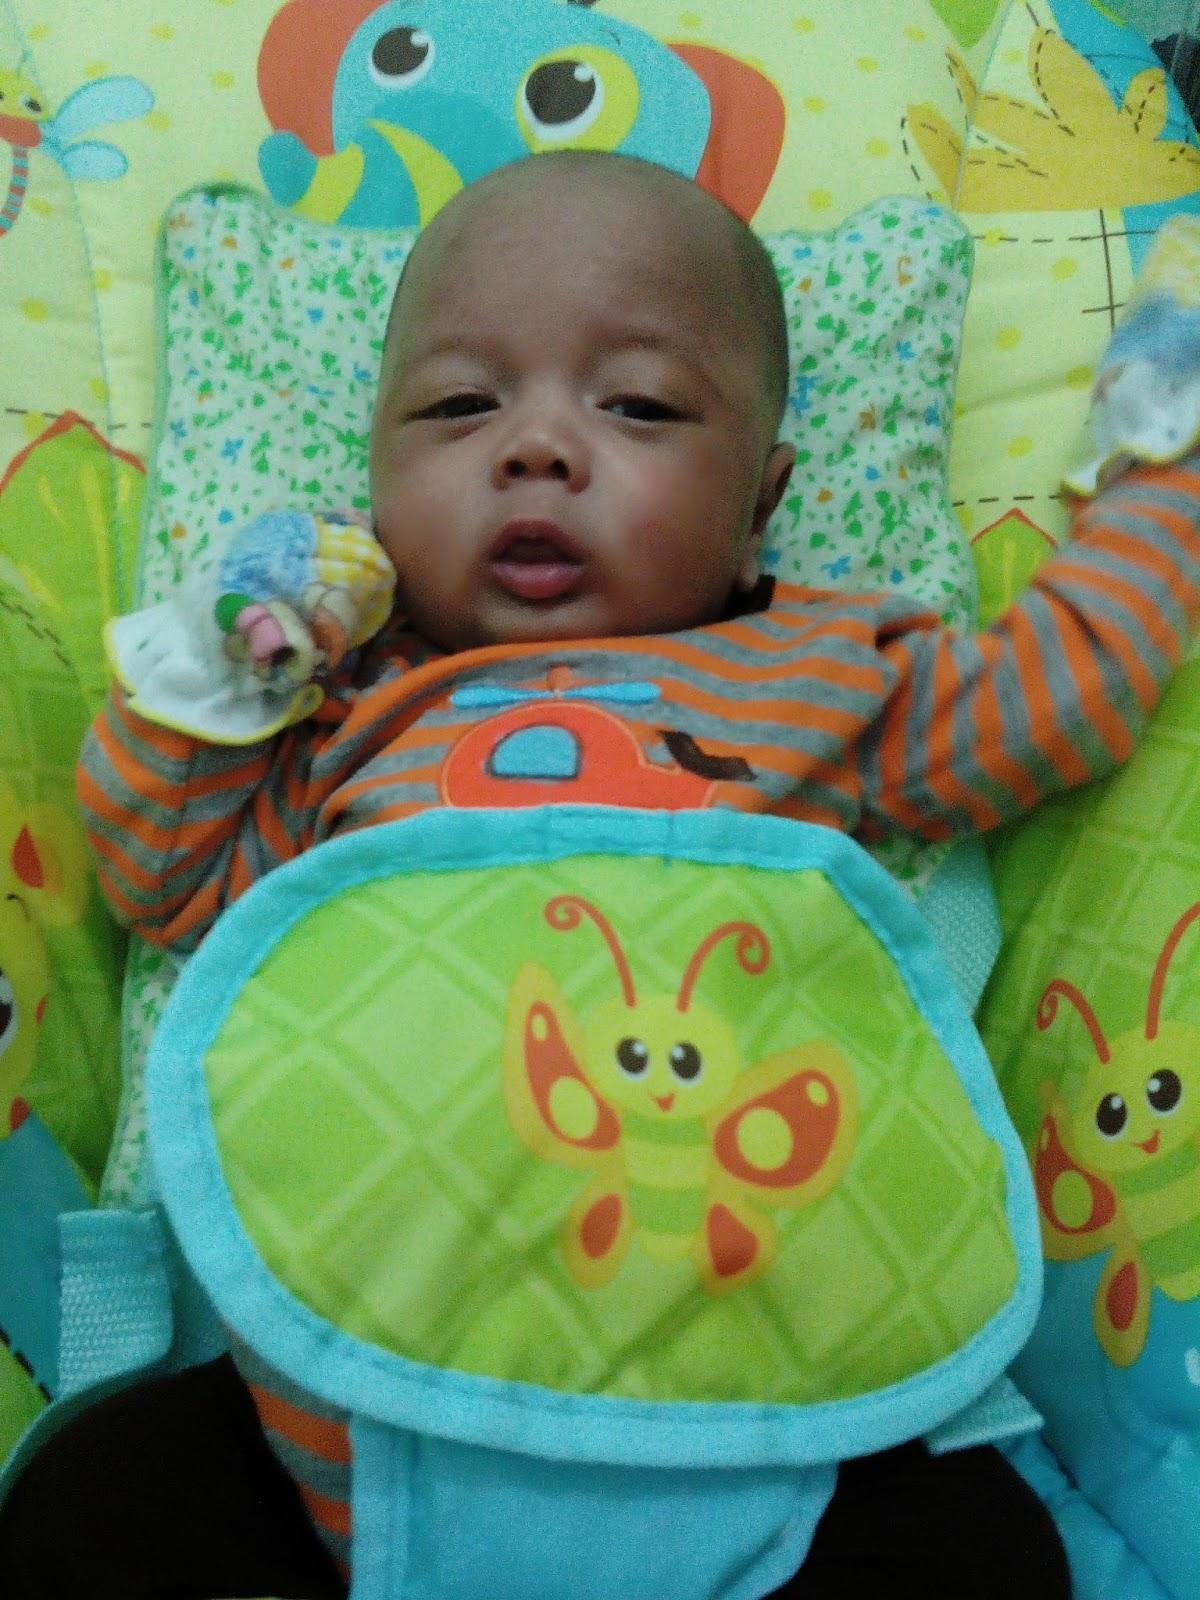 Fakta Seputar Bayi yang Tak Perlu Dikhawatirkan Orang Tua